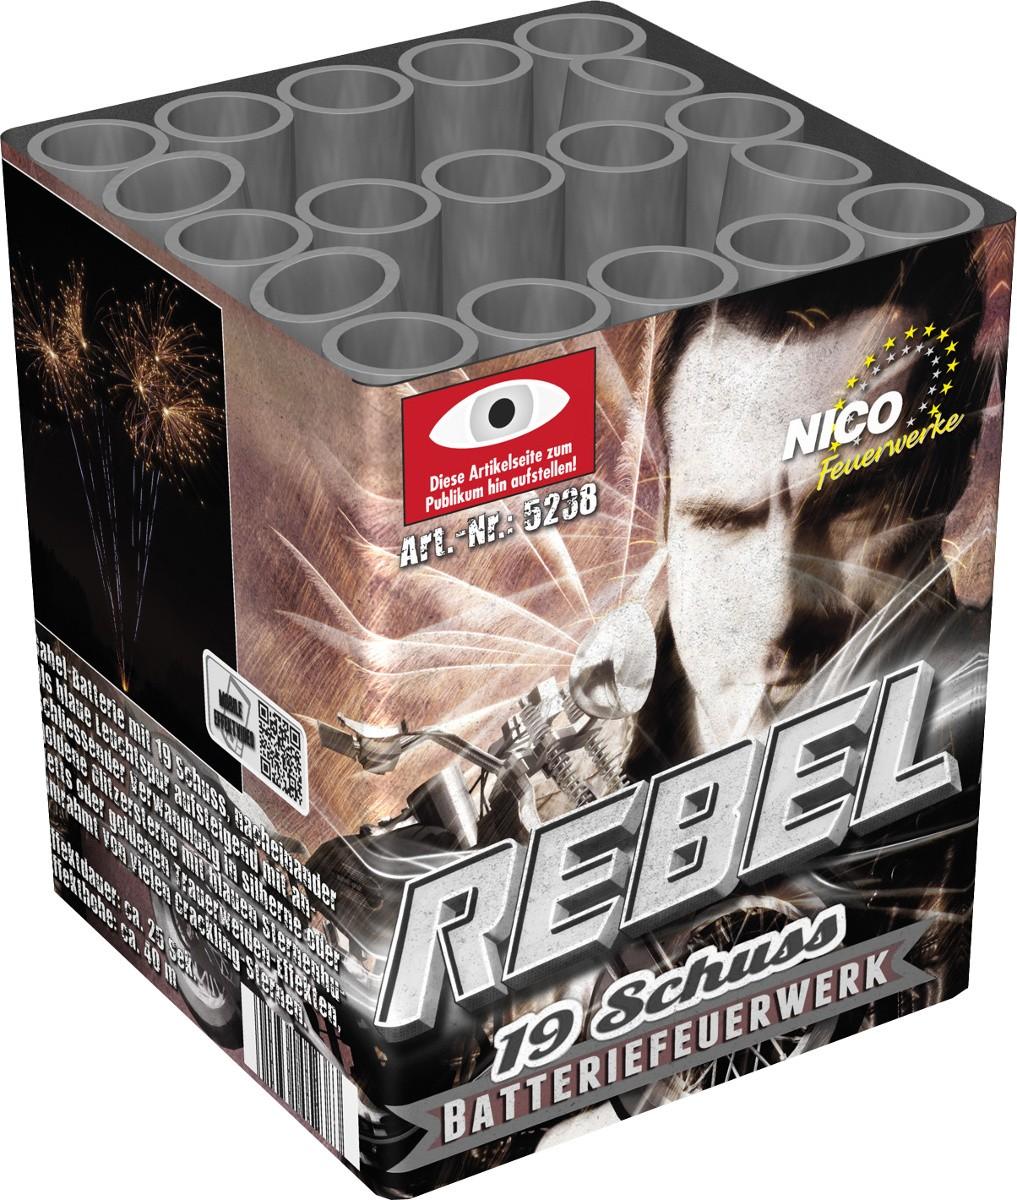 Feuerwerk Batterie Rebel 19 Schuss